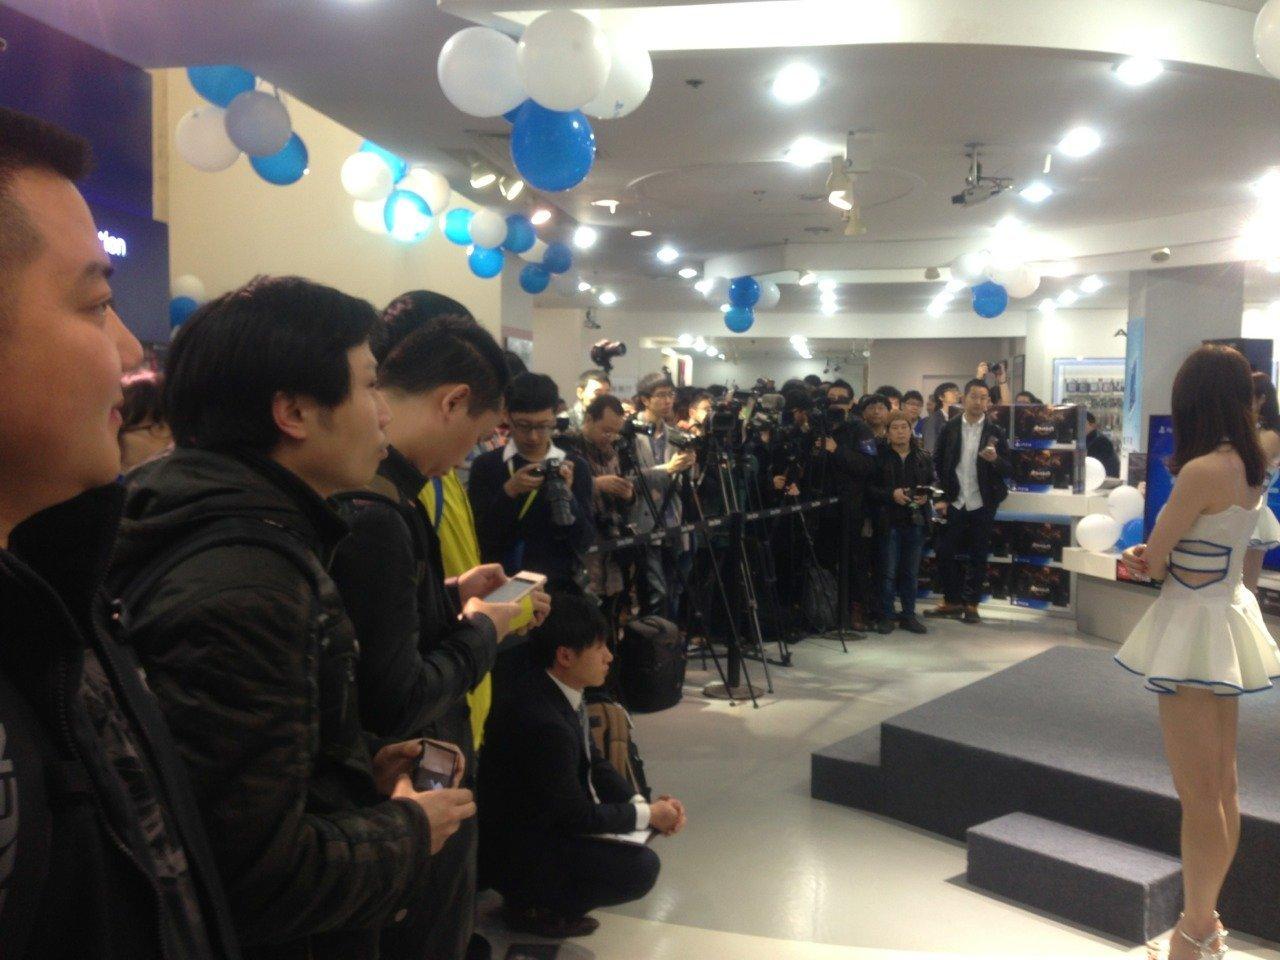 Китайцы встретили PlayStation 4 очередями !!! Долгожданный релиз в Китае ! - Изображение 1